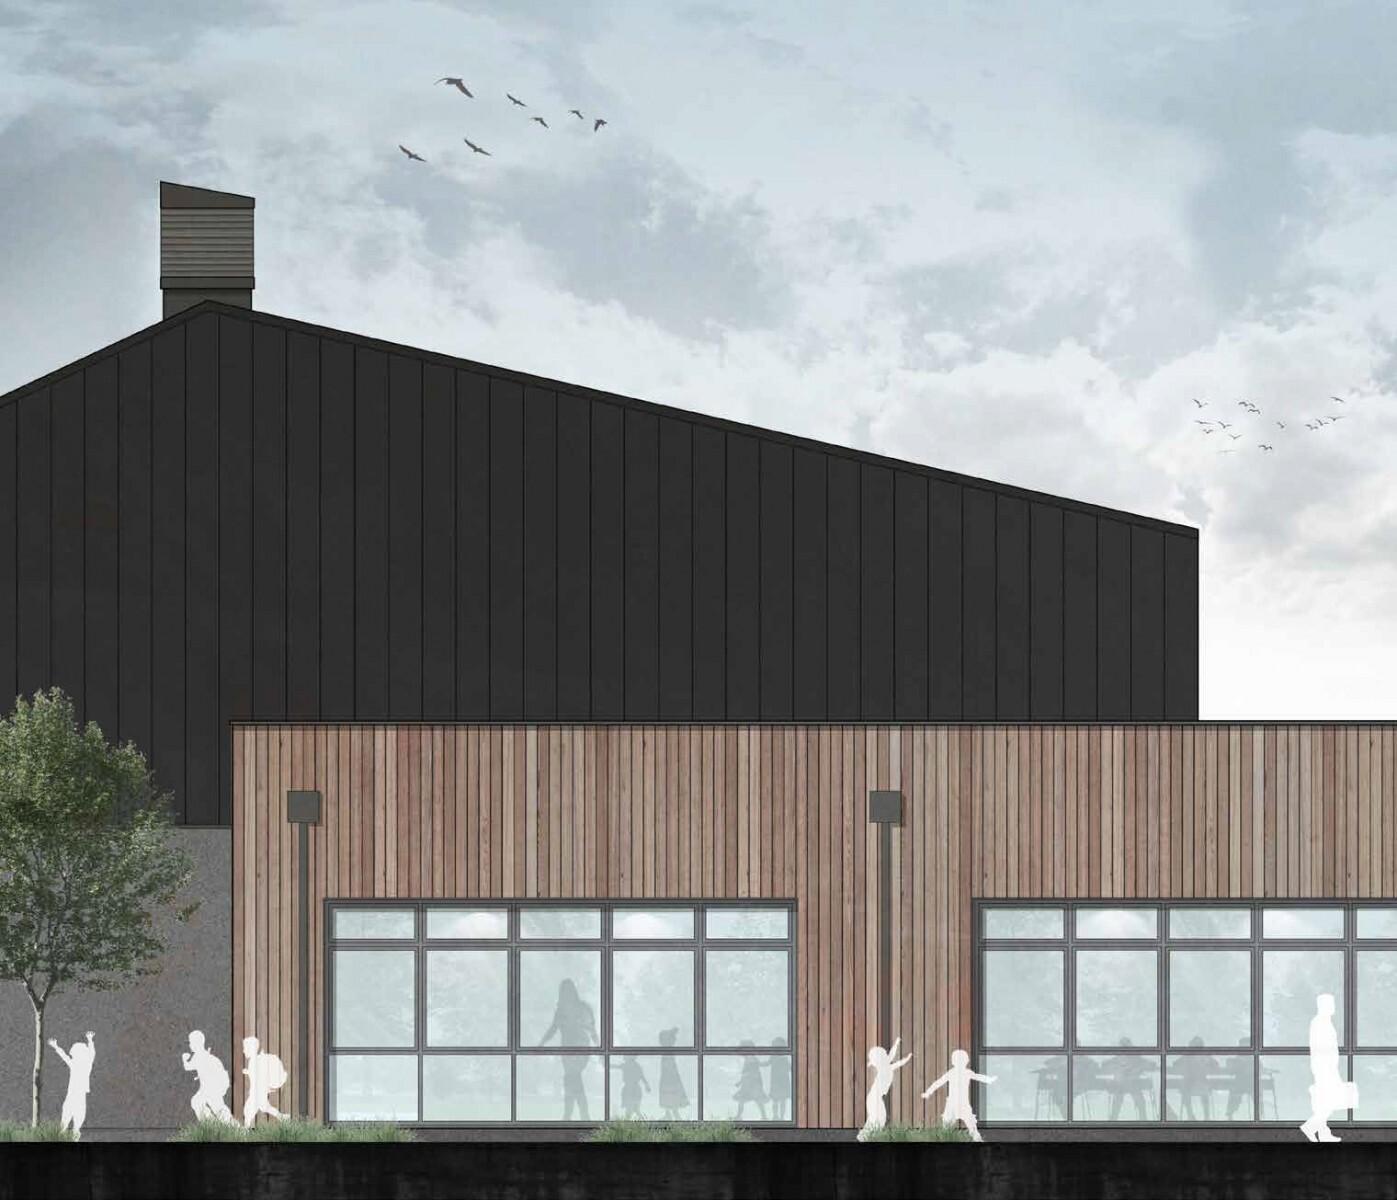 Work underway on Gullane primary school expansion image